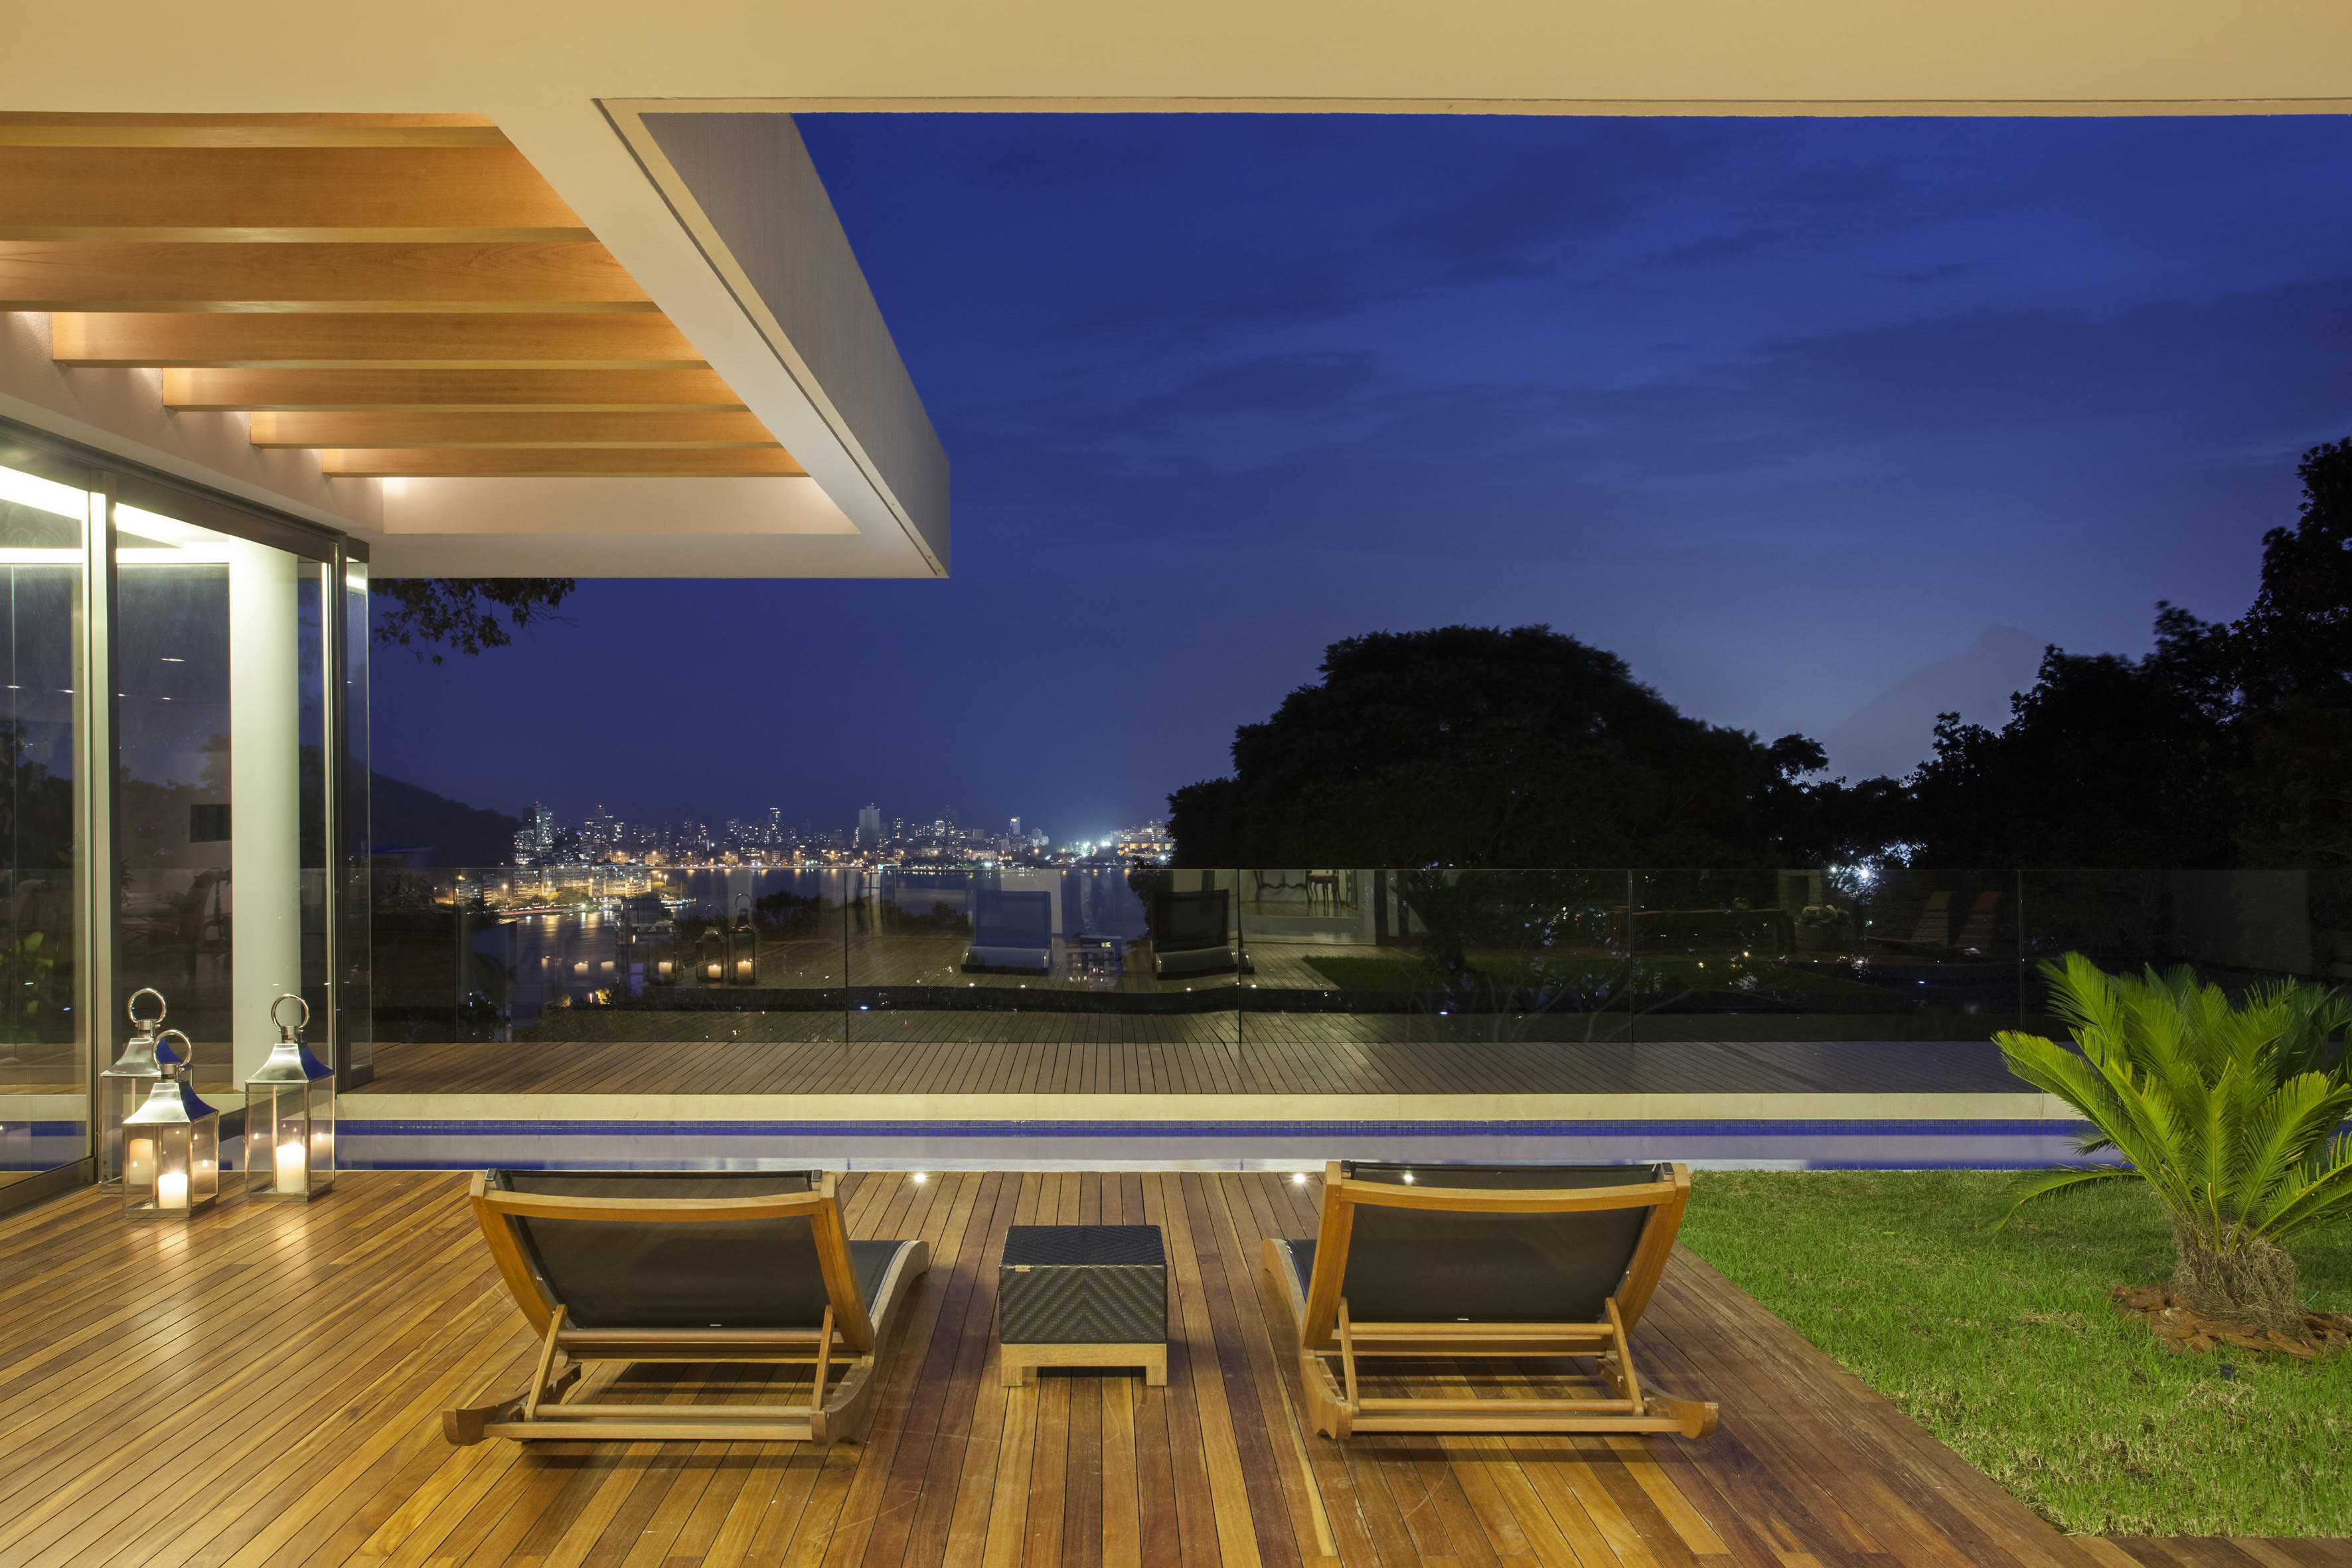 Частный односемейный дом для того Продажа на A Hidden Jewell Rua Caio de Melo Franco Rio De Janeiro, Рио-Де-Жанейро, 22461190 Бразилия